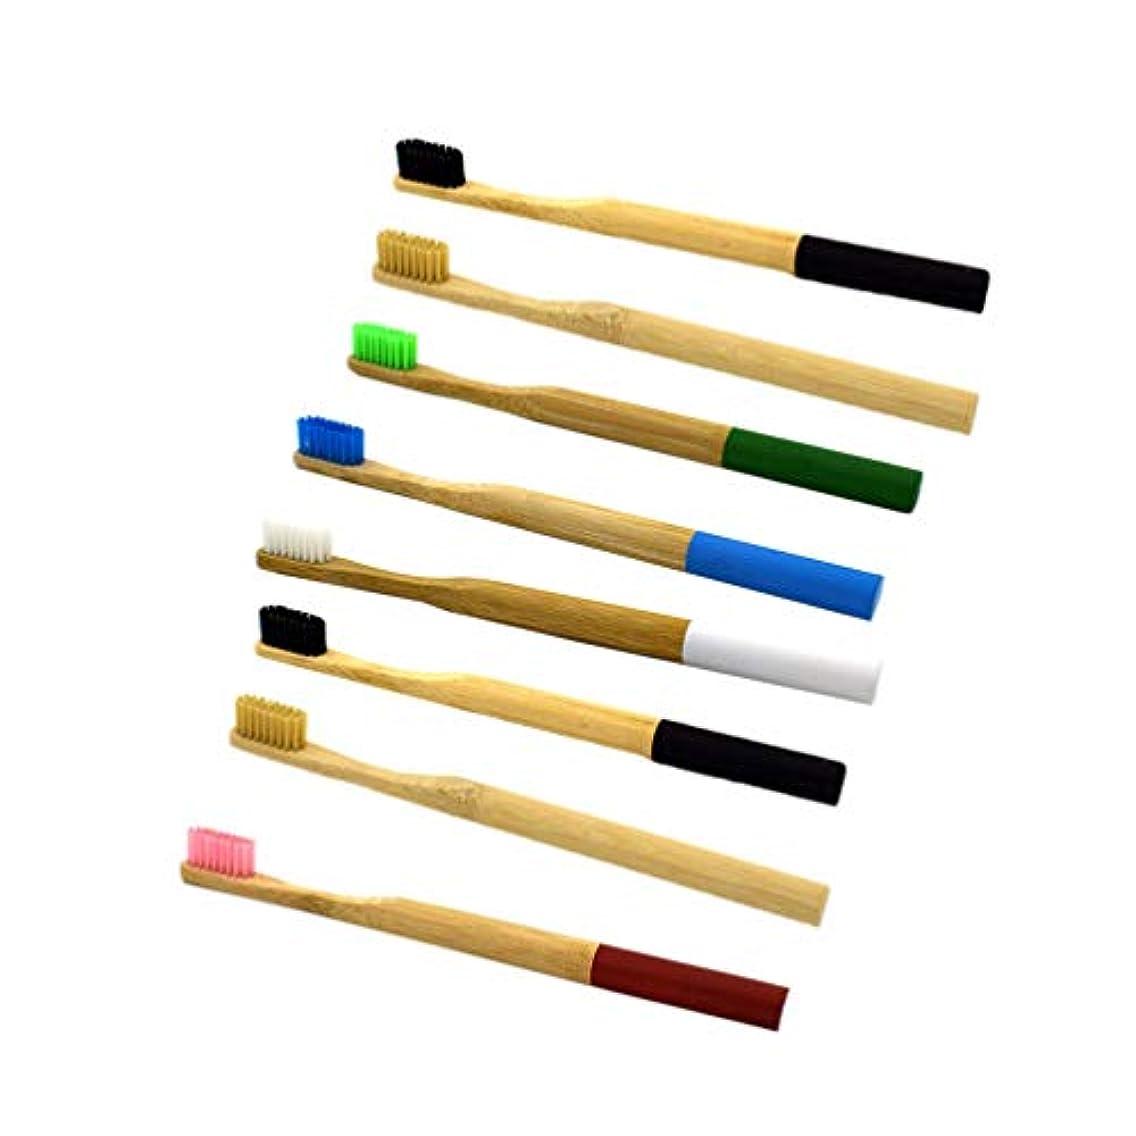 暴力批判的にビスケットSUPVOX 柔らかい剛毛の丸いハンドルが付いている8 PCの自然な竹の歯ブラシ